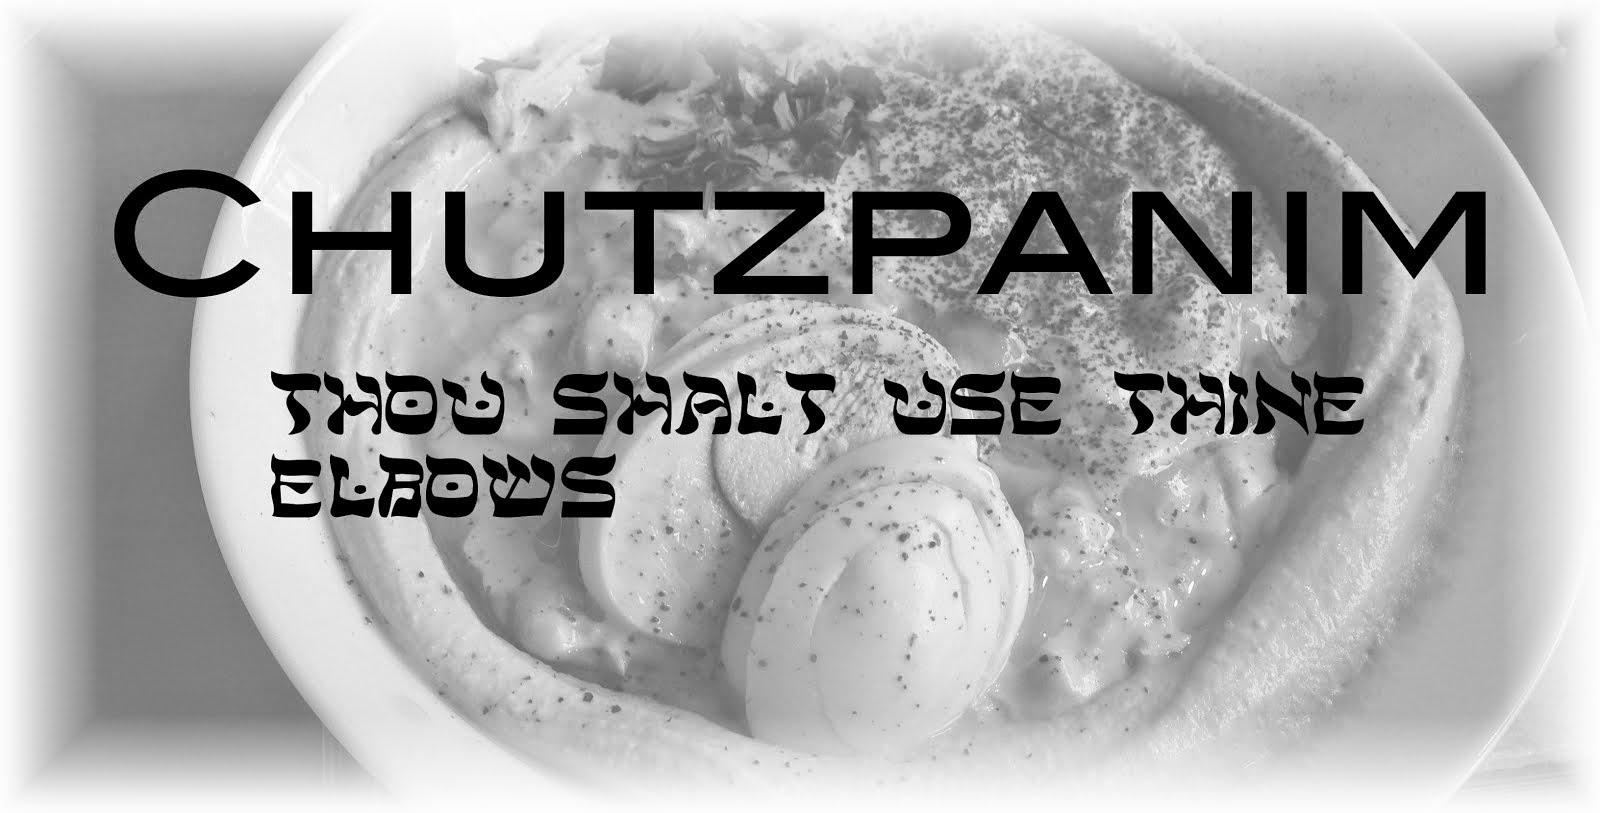 Chutzpanim